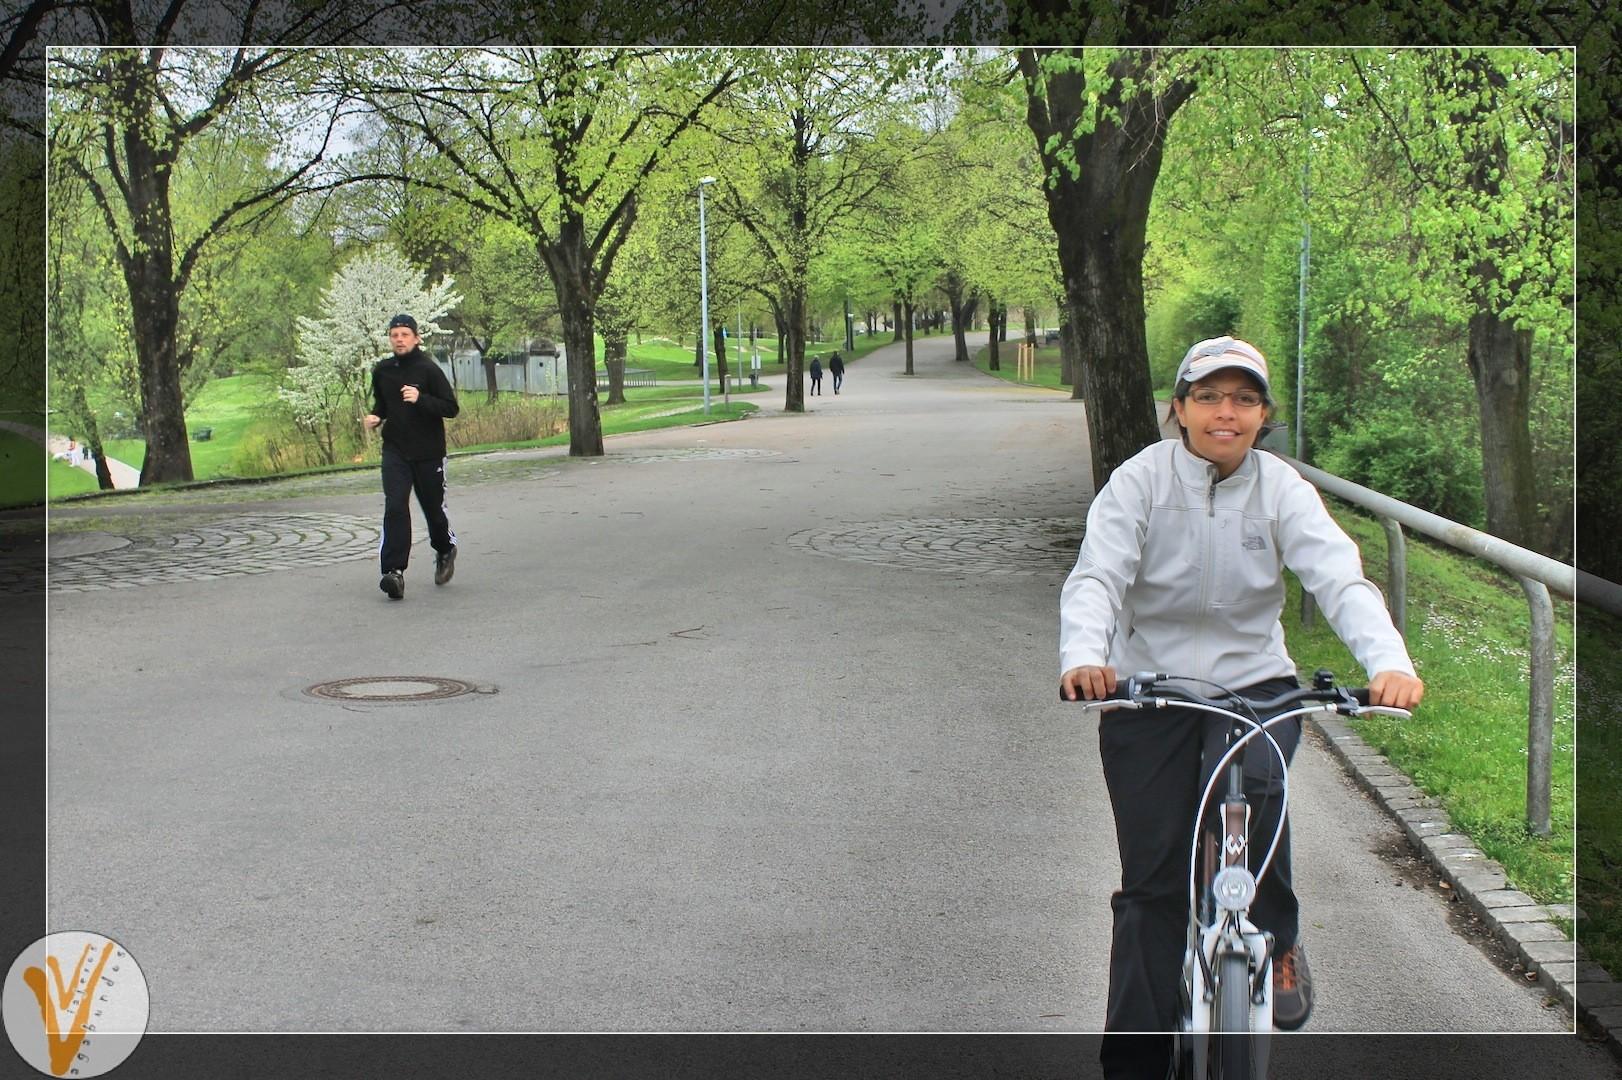 Alquiler y Recorrido en Bicicleta en Munich